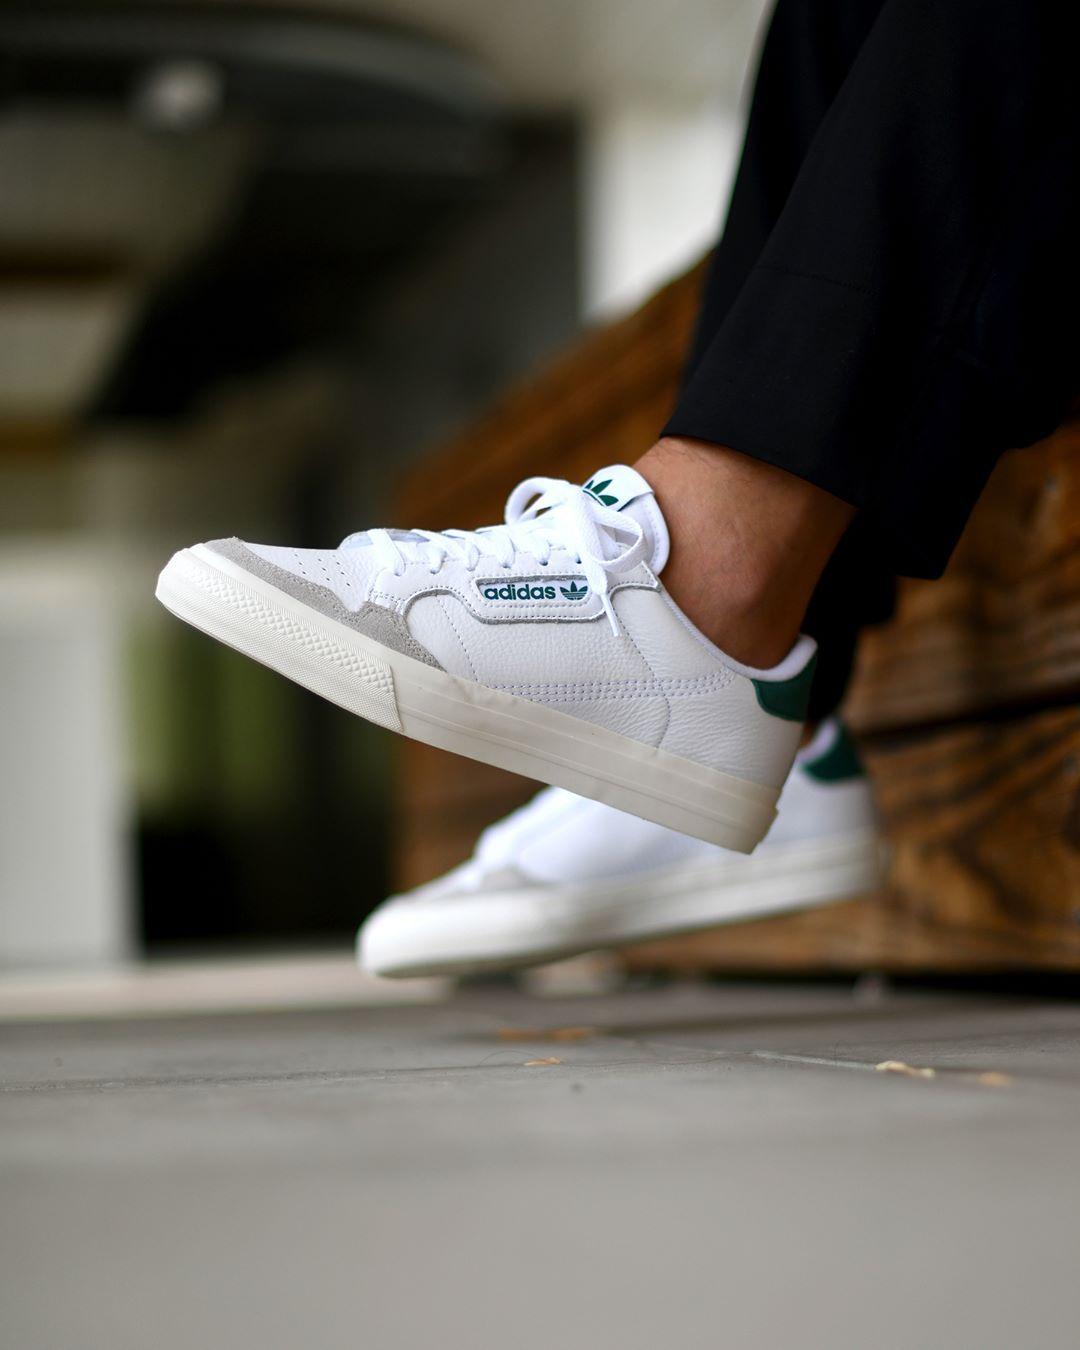 adidas Continental Vulc White Green